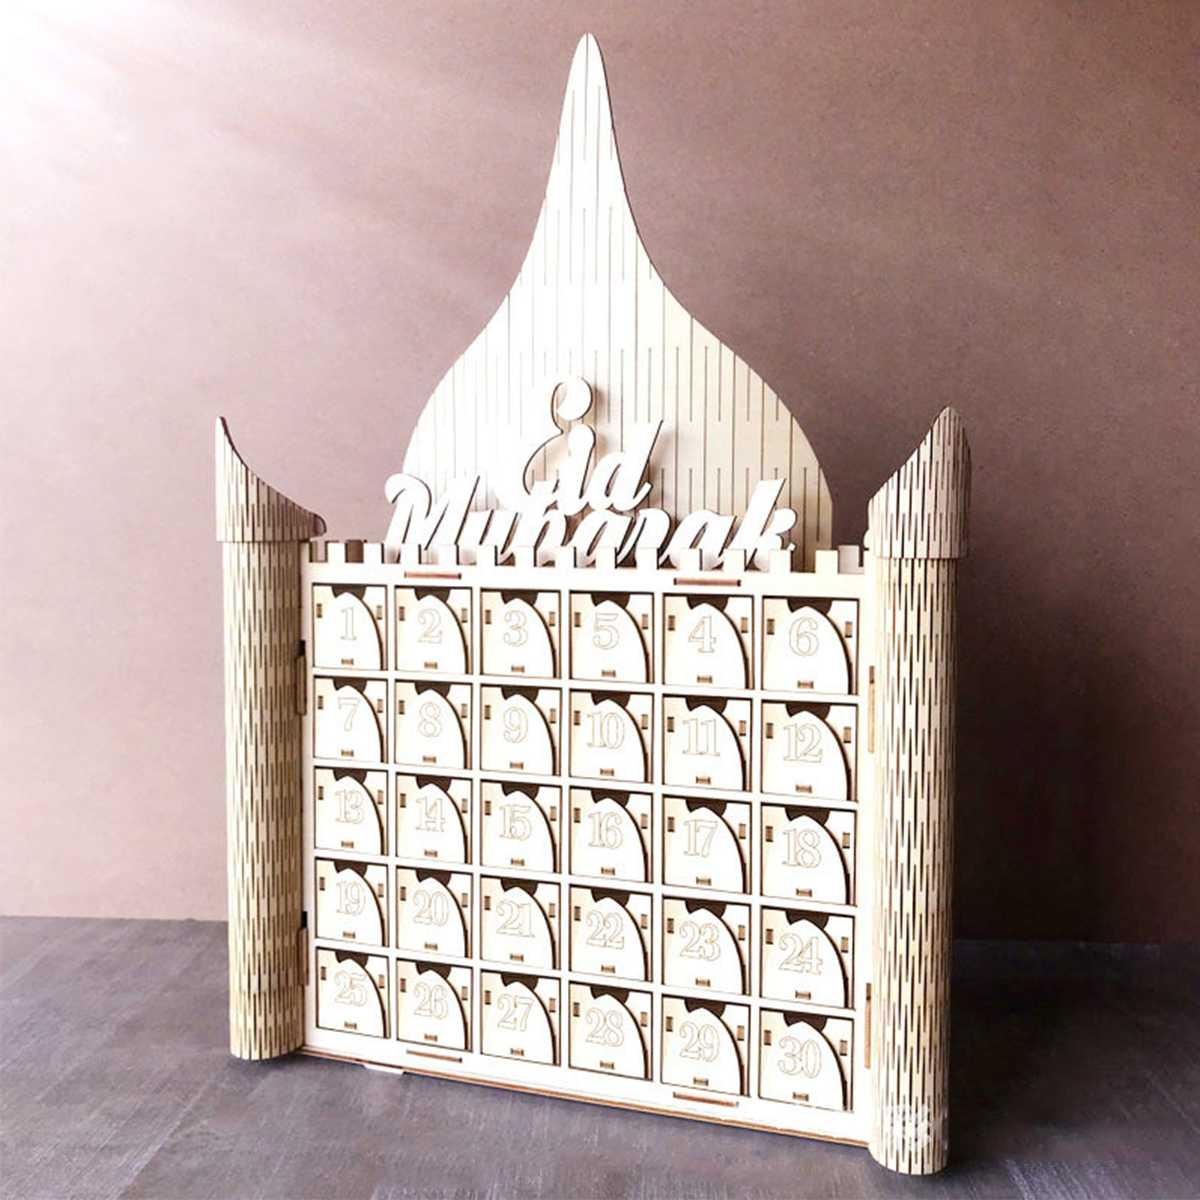 Wooden MDF Drawer EID Mubarak Ramadan Advent Calendar 30 Day Countdown Muslim Islamic Castle Drawer Decorations Ornament Gift